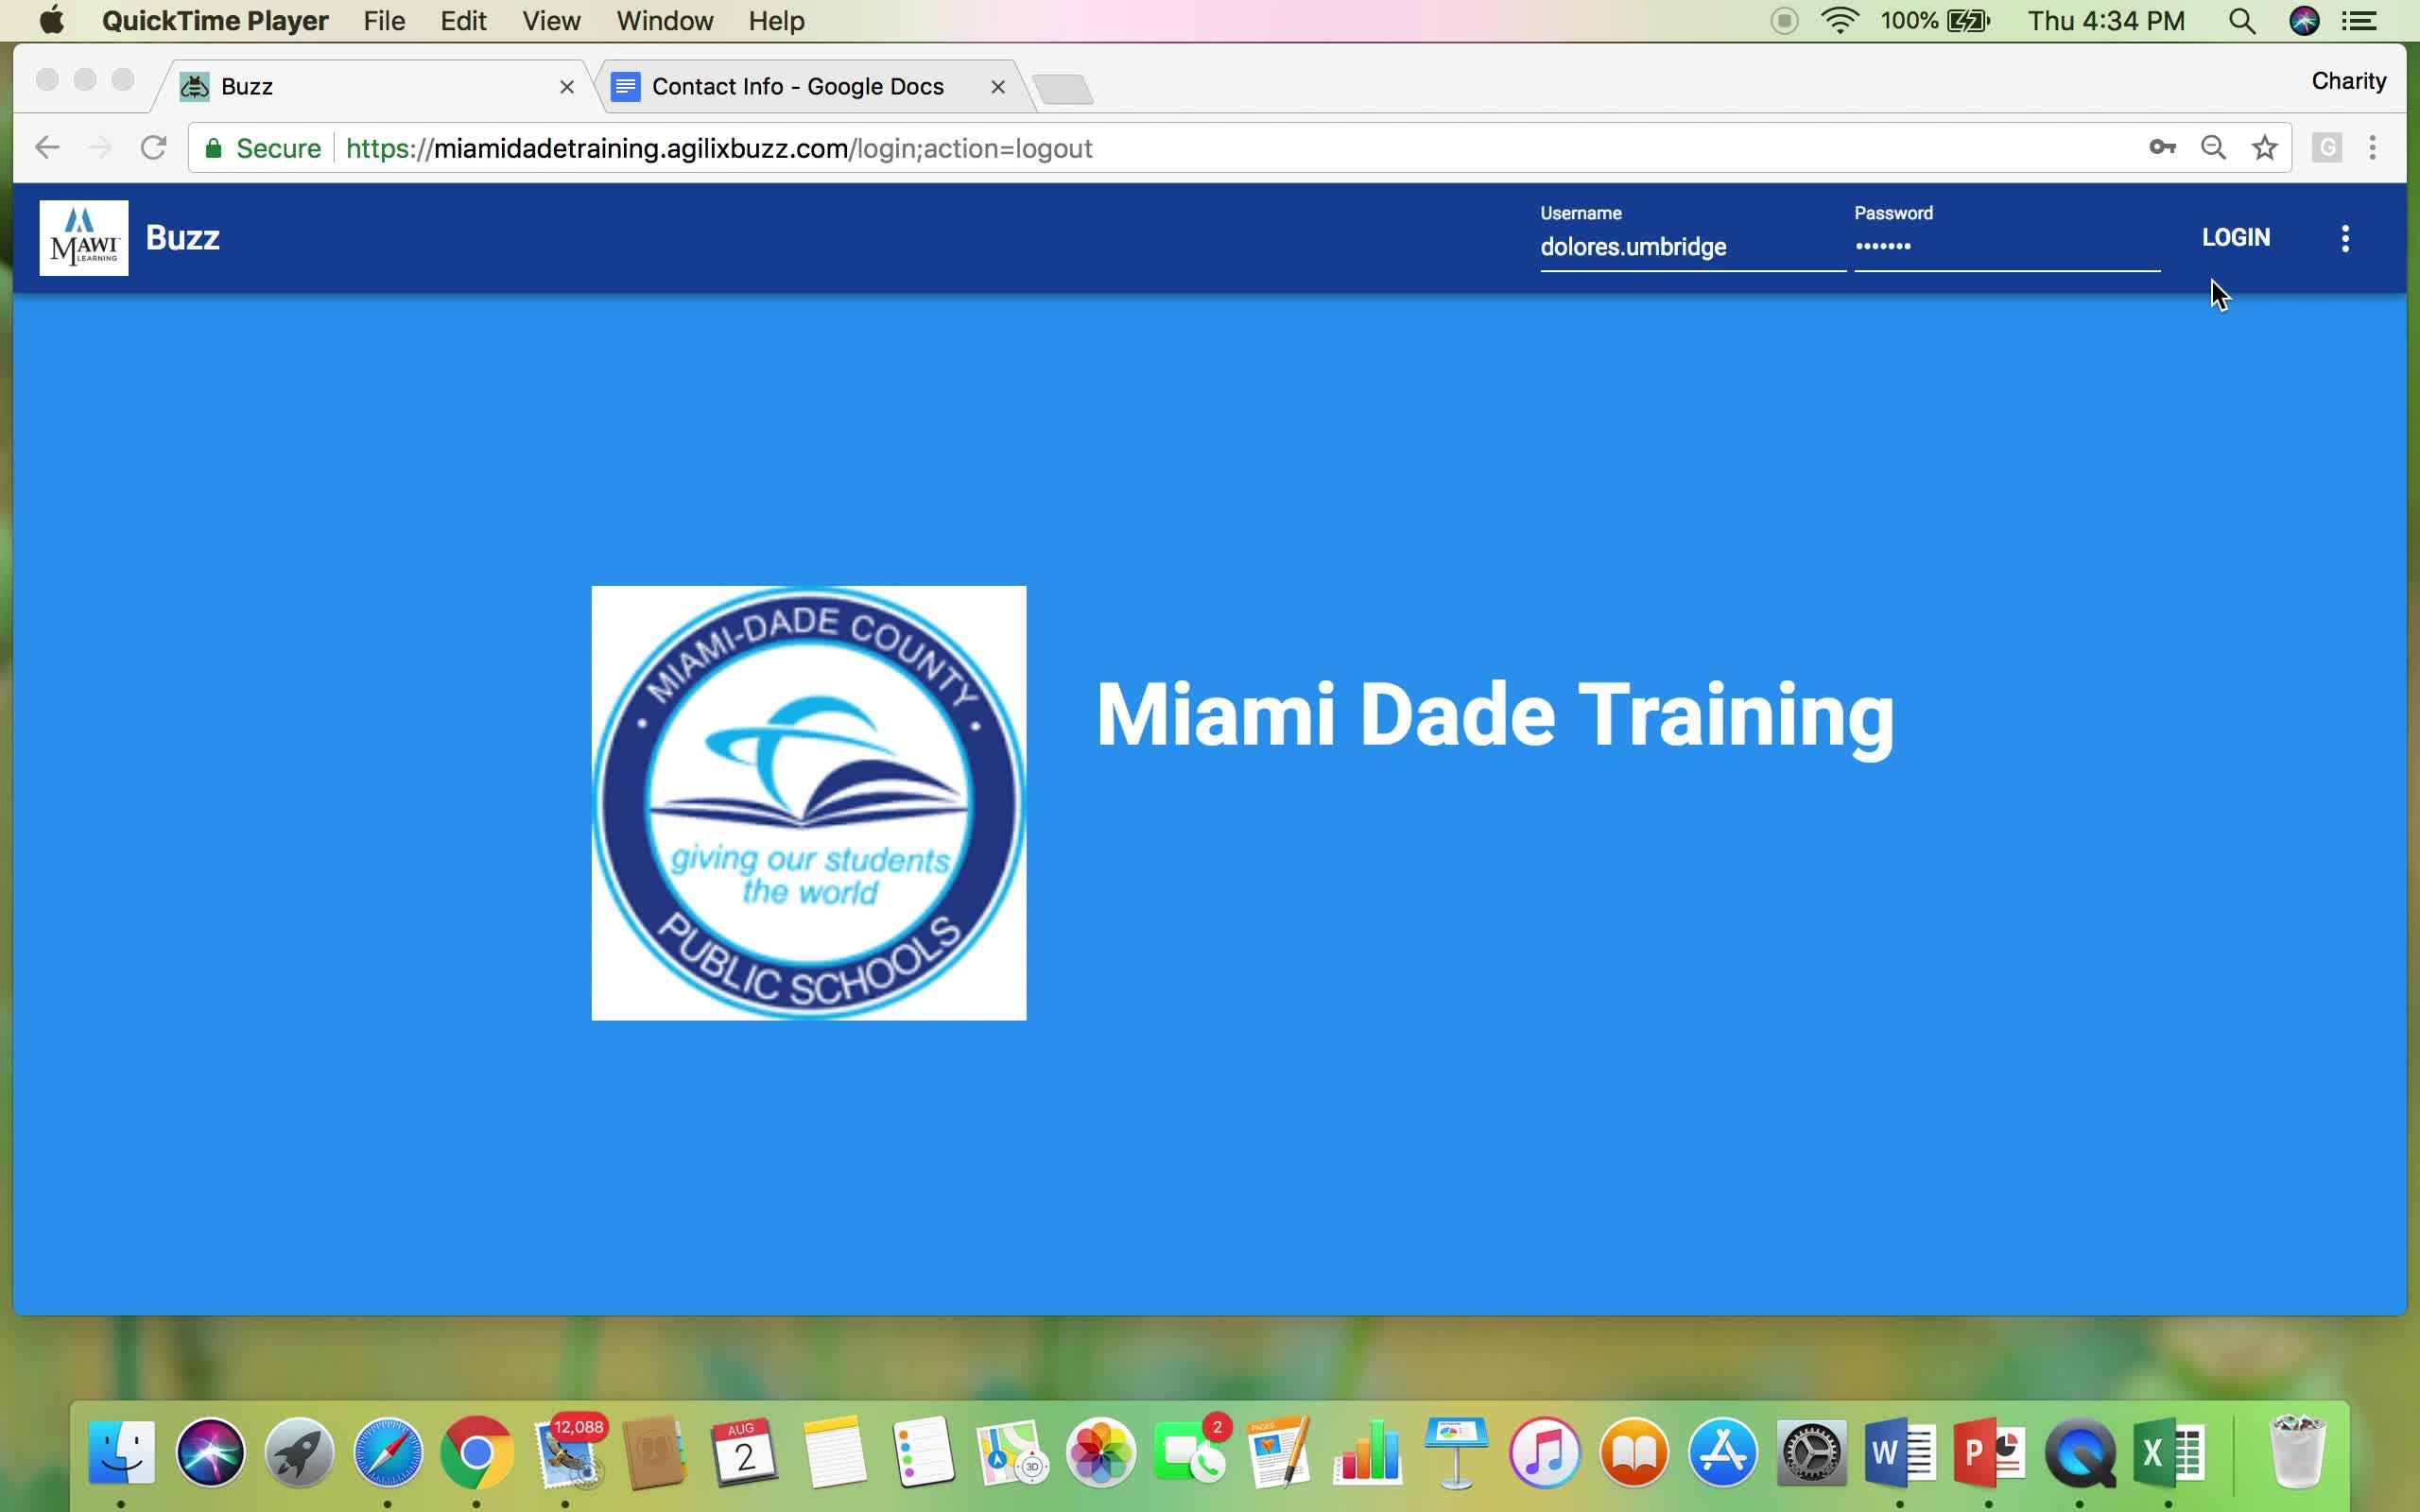 LMS Buzz Training